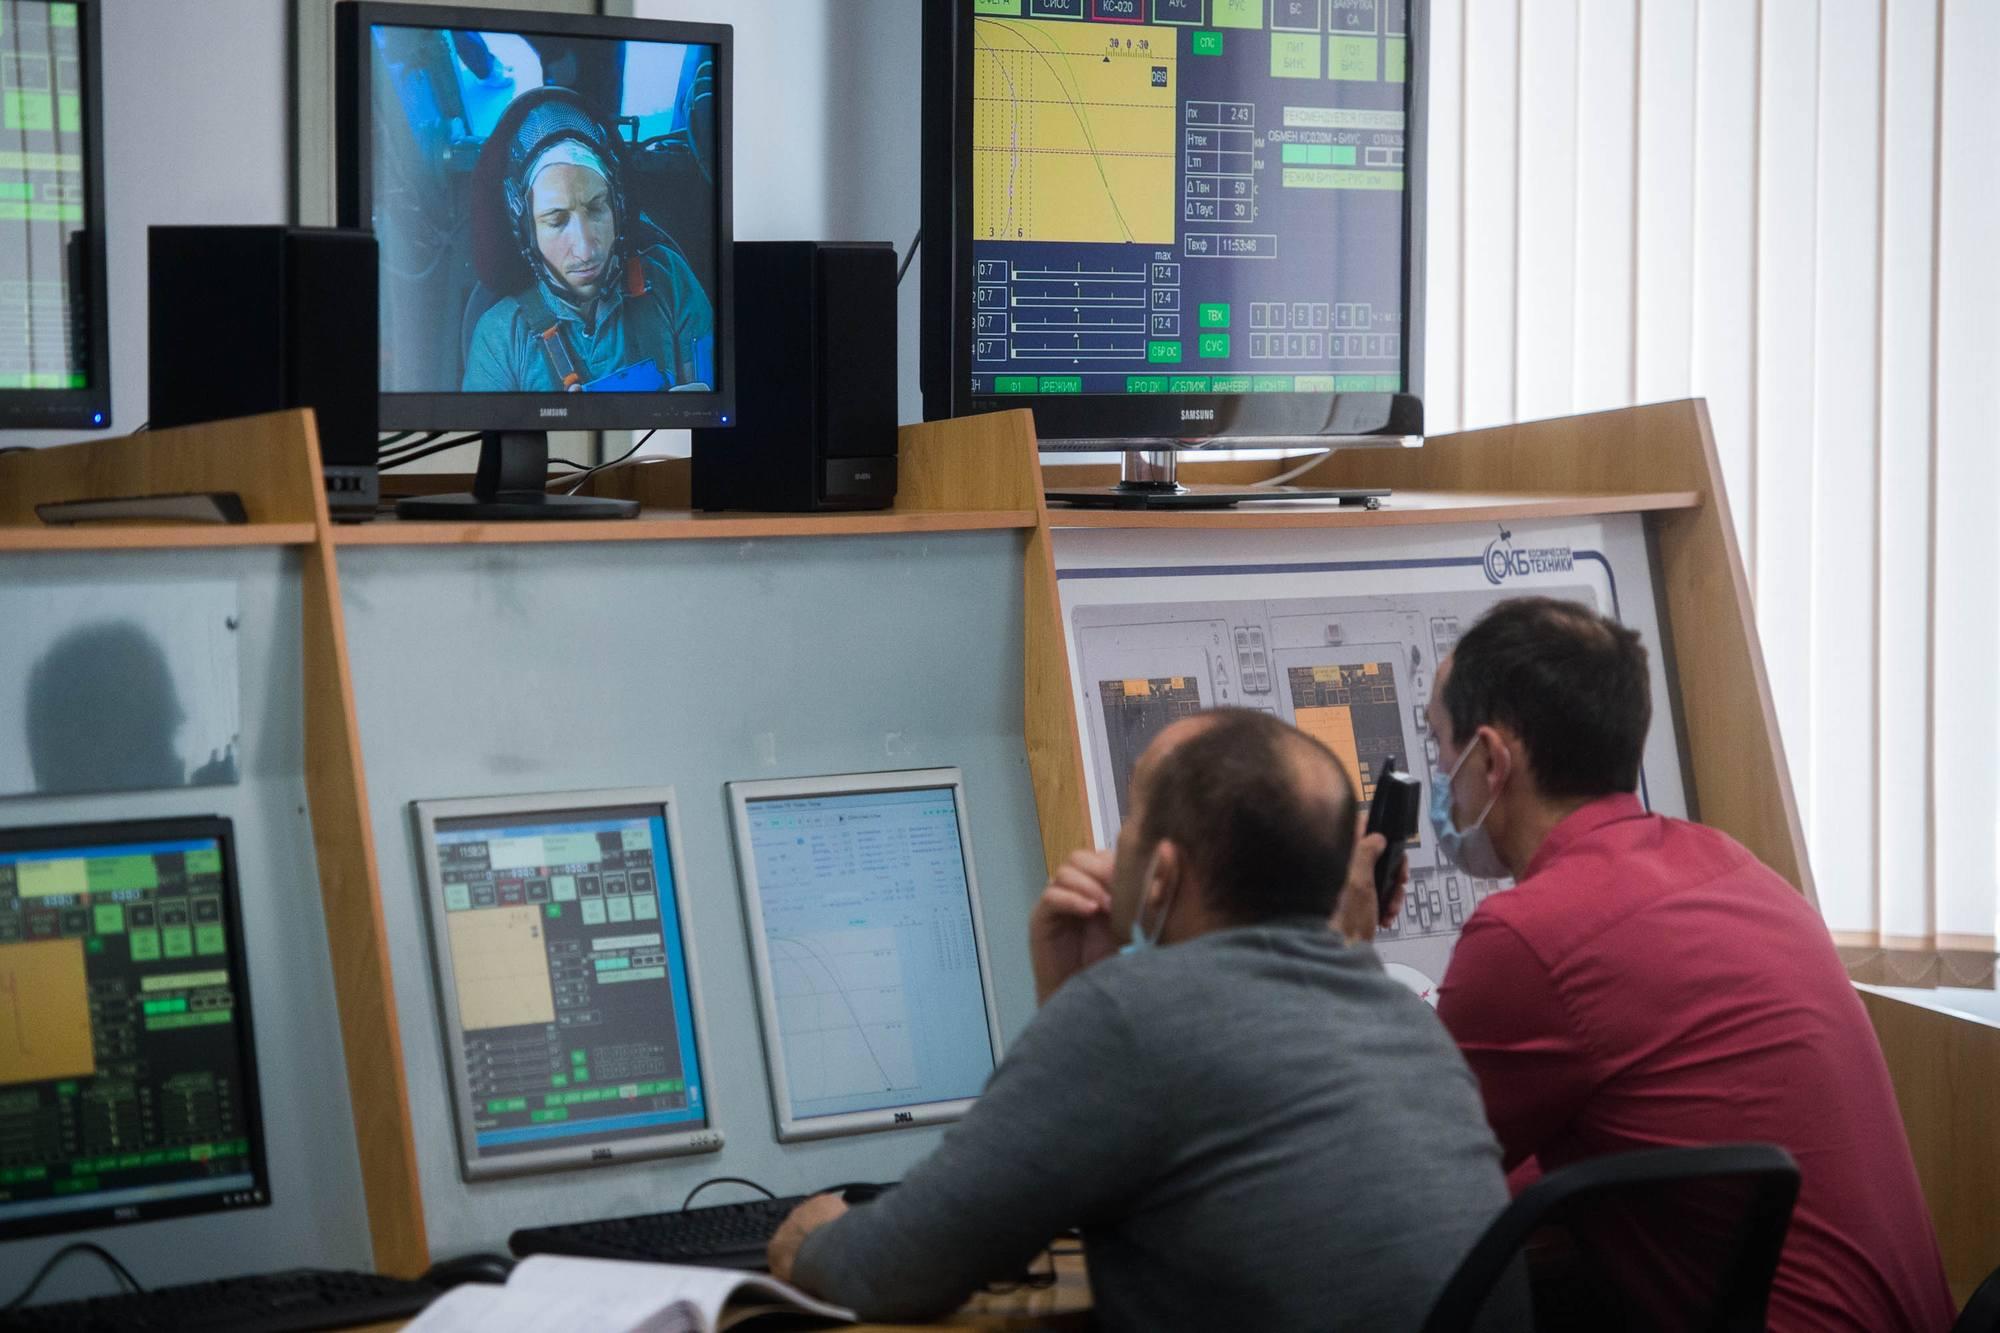 Les opérateurs du simulateur surveillent la centrifugeuse et les actions du cosmonaute.